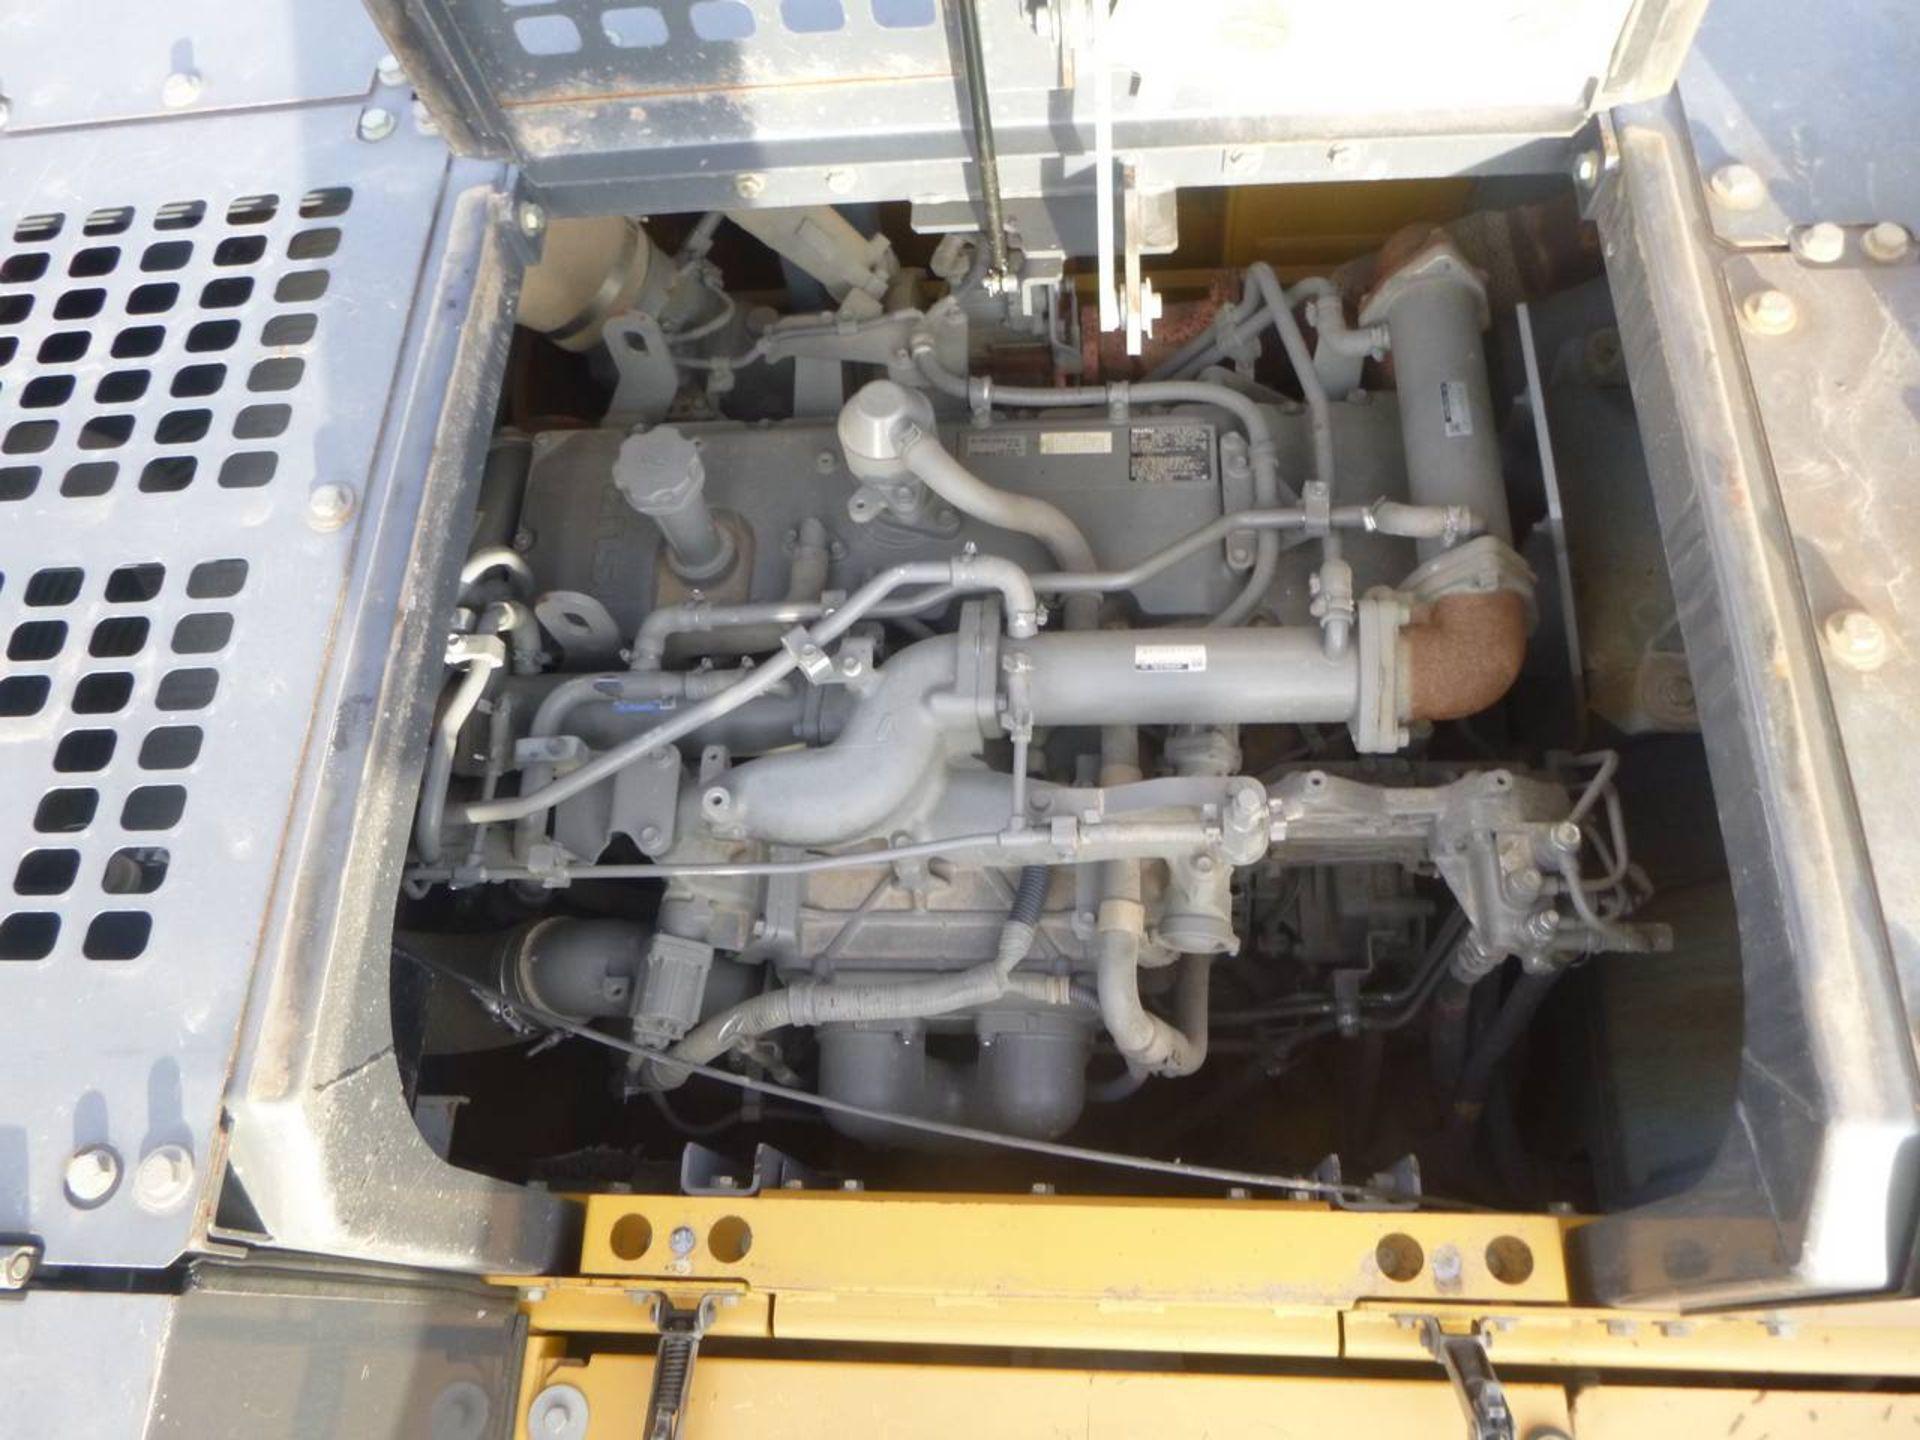 2014 John Deere 470G LC Excavator - Image 10 of 12